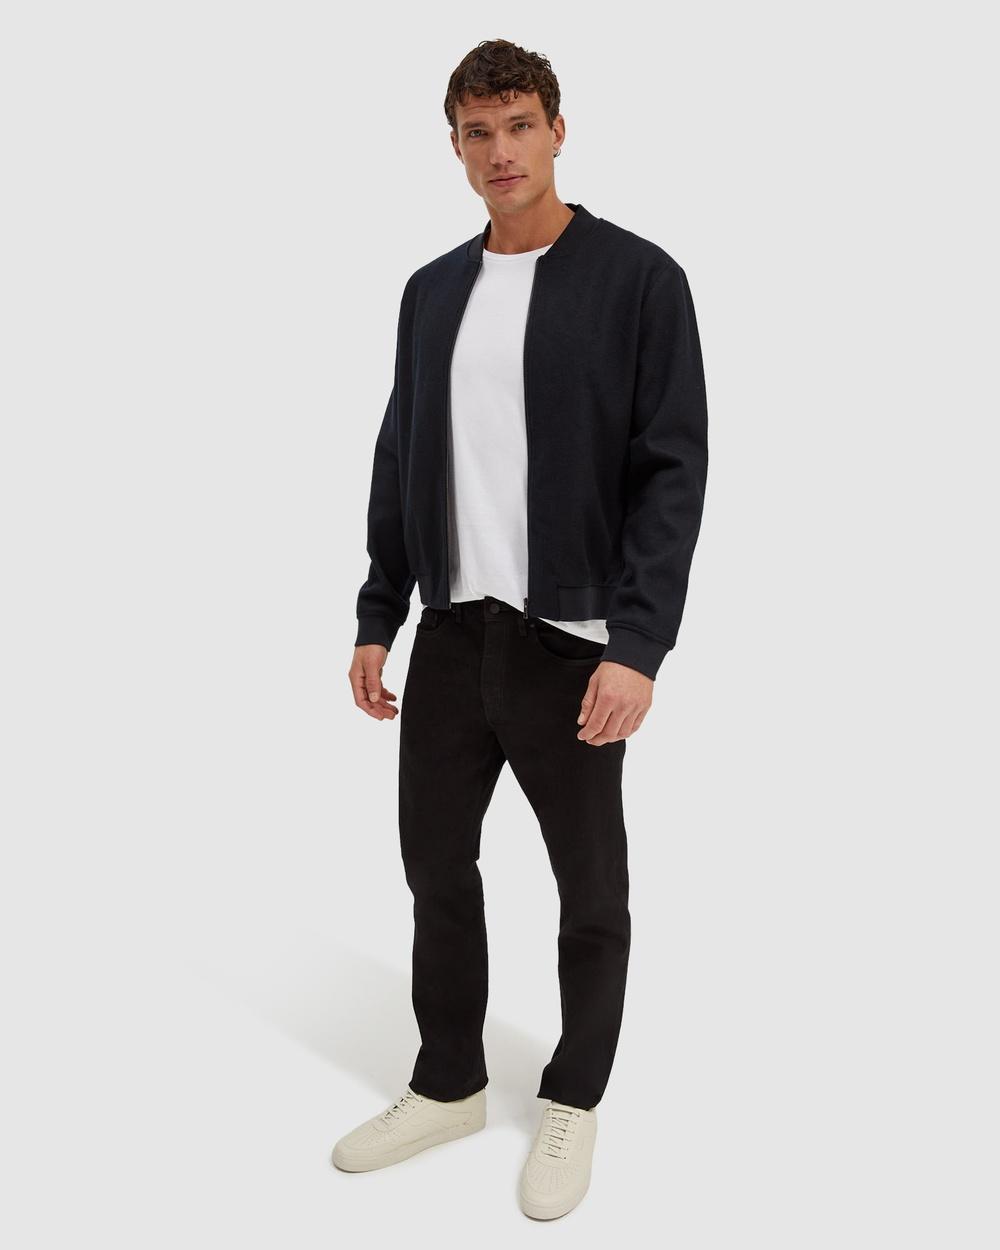 SABA Karl Wool Bomber Jacket Coats & Jackets Washed Black